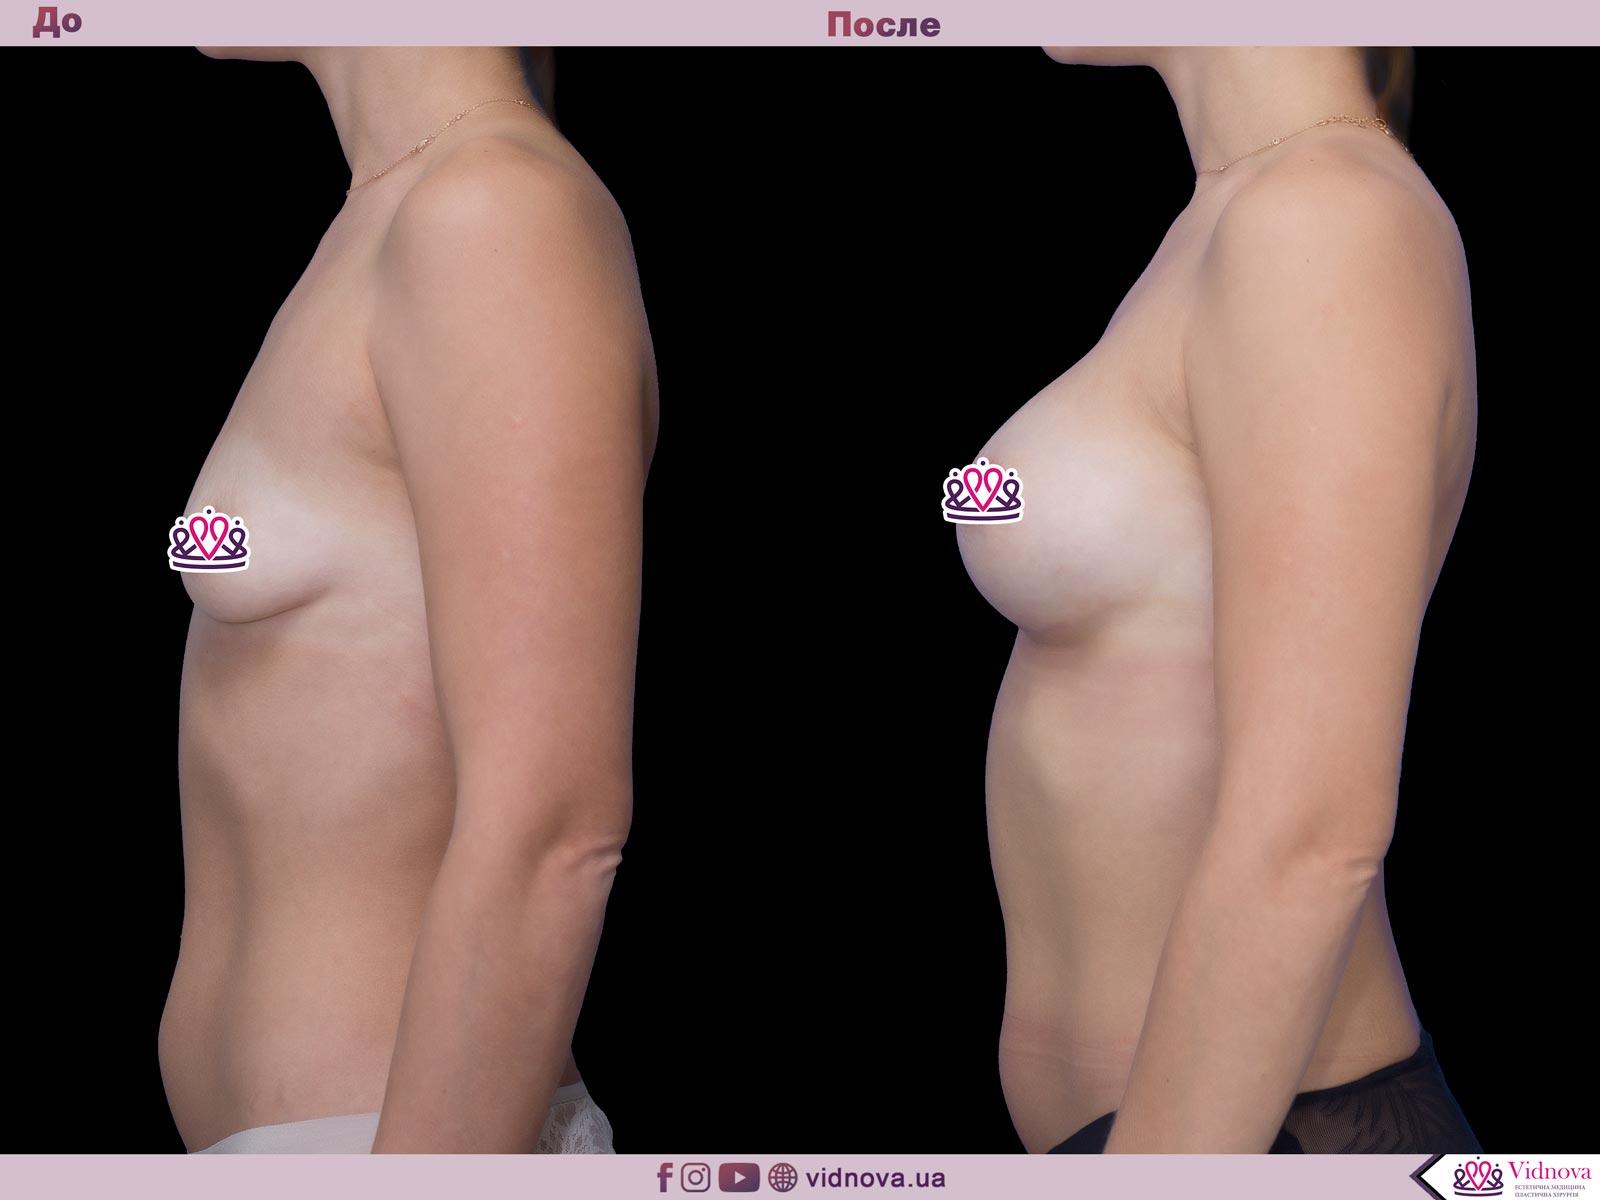 Пластика груди: результаты до и после - Пример №52-2 - Светлана Работенко